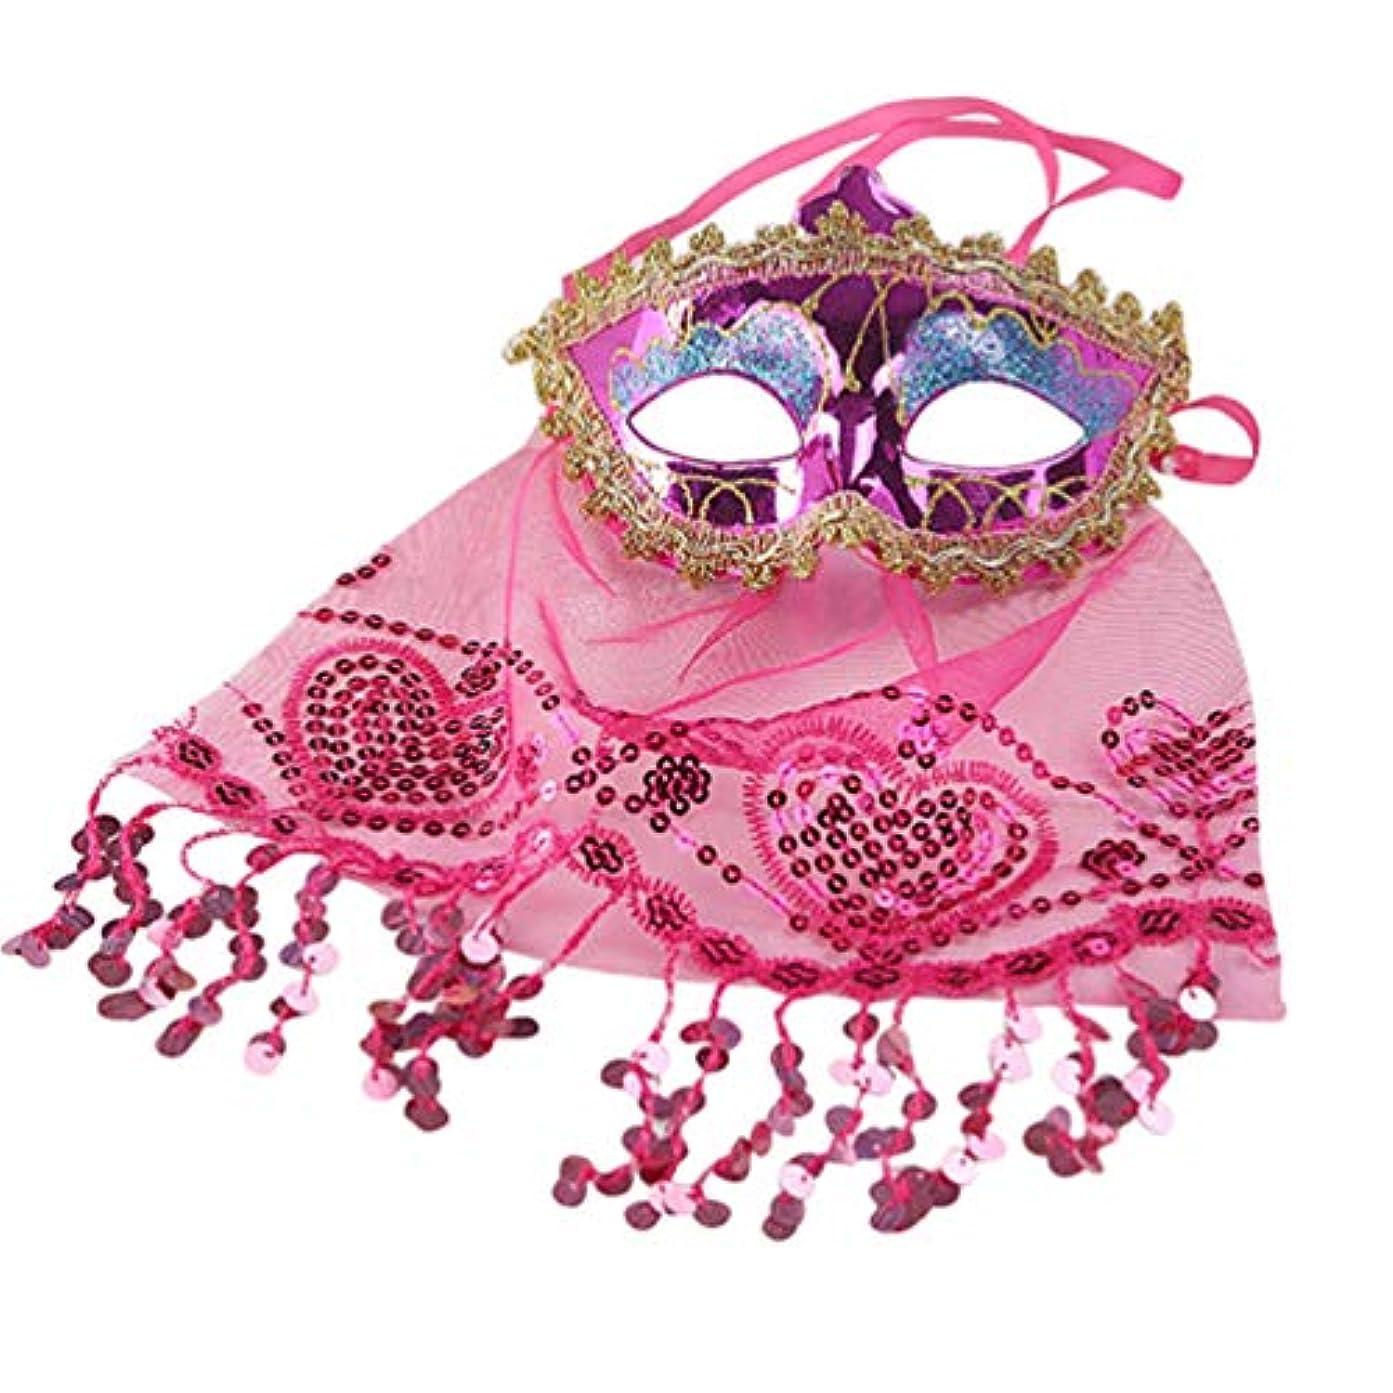 債務星パネルTOYANDONA ベールマスク ベリーダンスベール 踊り パーティー 魅力的 仮面舞踏会マスク ハロウィンコスチューム